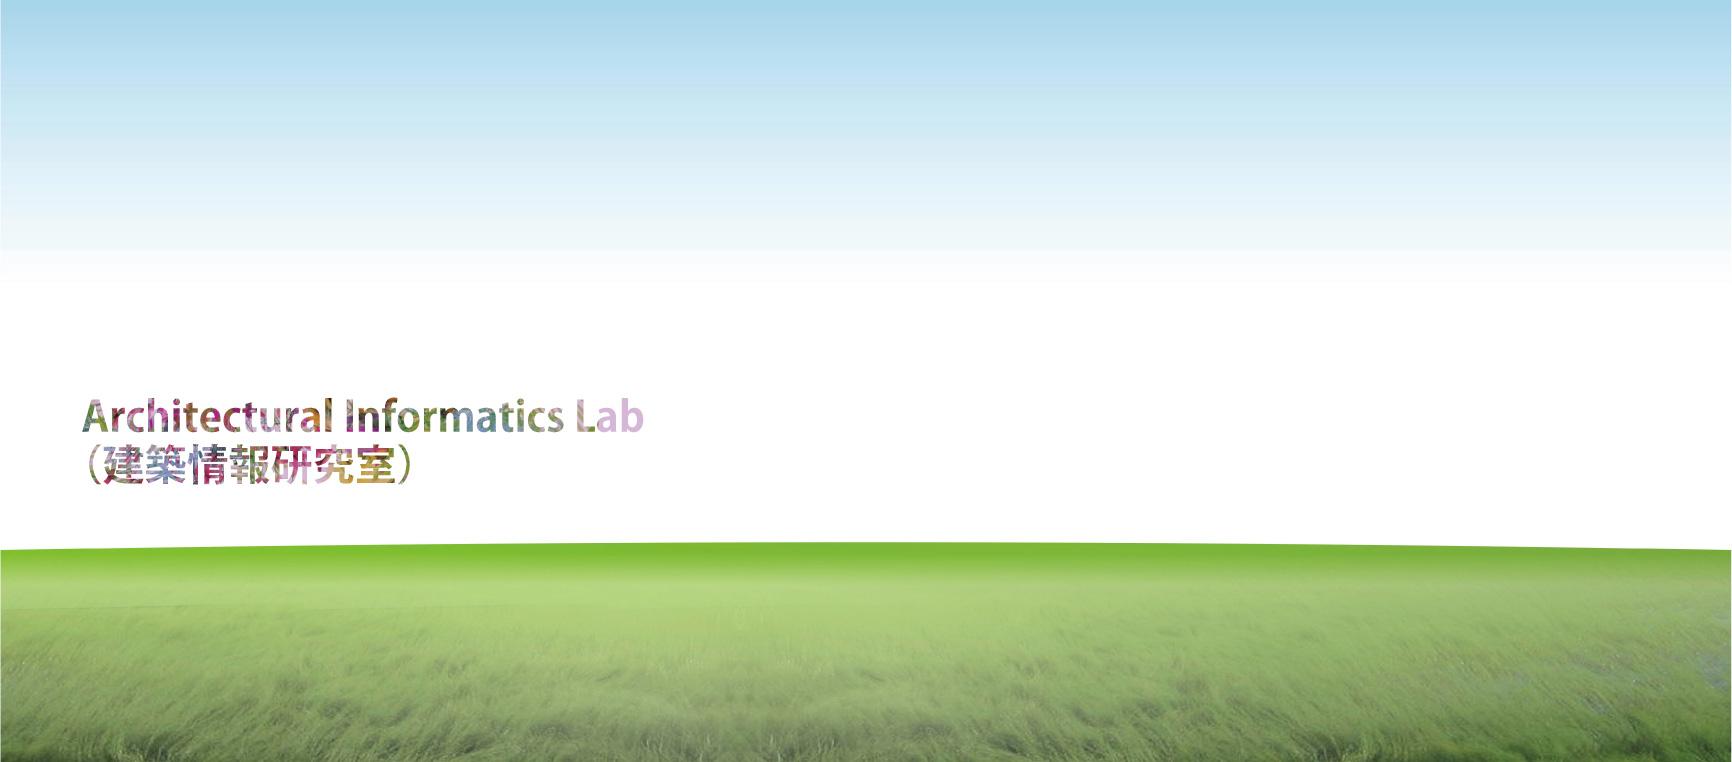 山田悟史が主催する立命館大学 建築情報研究室のイメージ画像